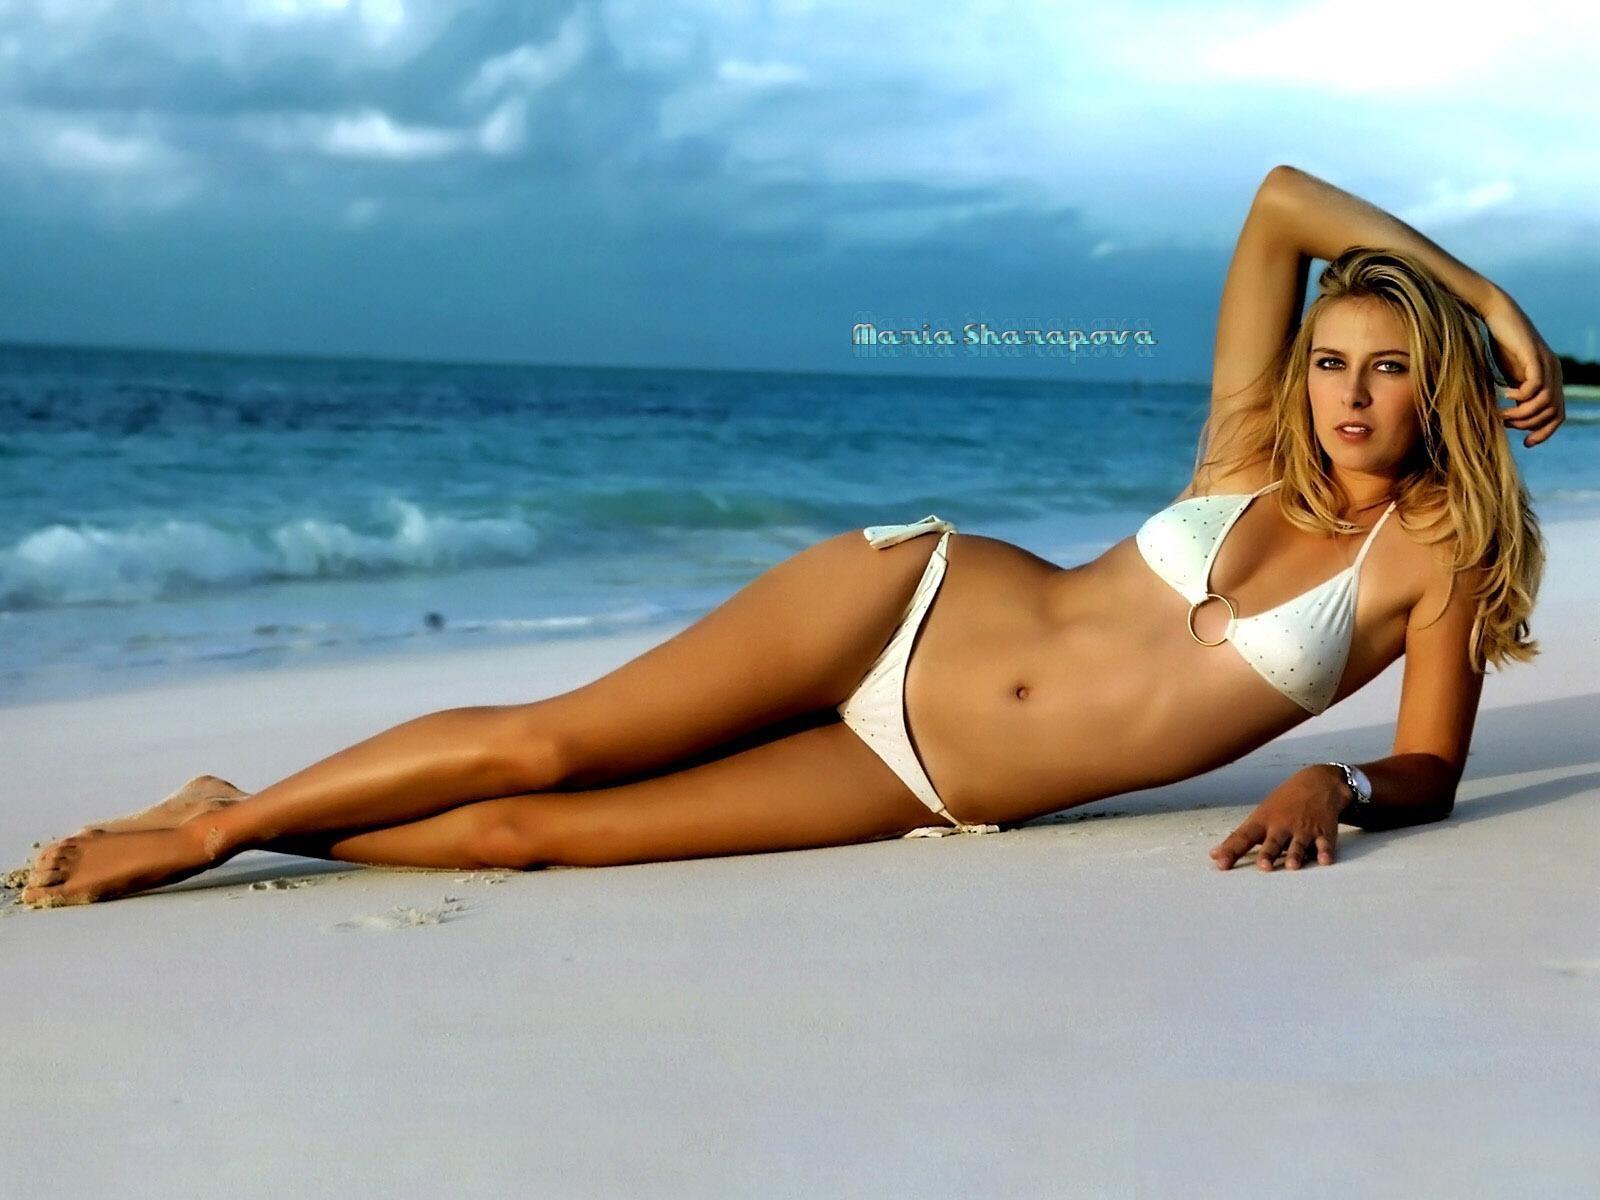 http://2.bp.blogspot.com/-lAtKKlNV0EI/T9NuMC8GWSI/AAAAAAAAB68/fOoMa2_CXQo/s1600/maria-sharapova-naked-bikini.jpg